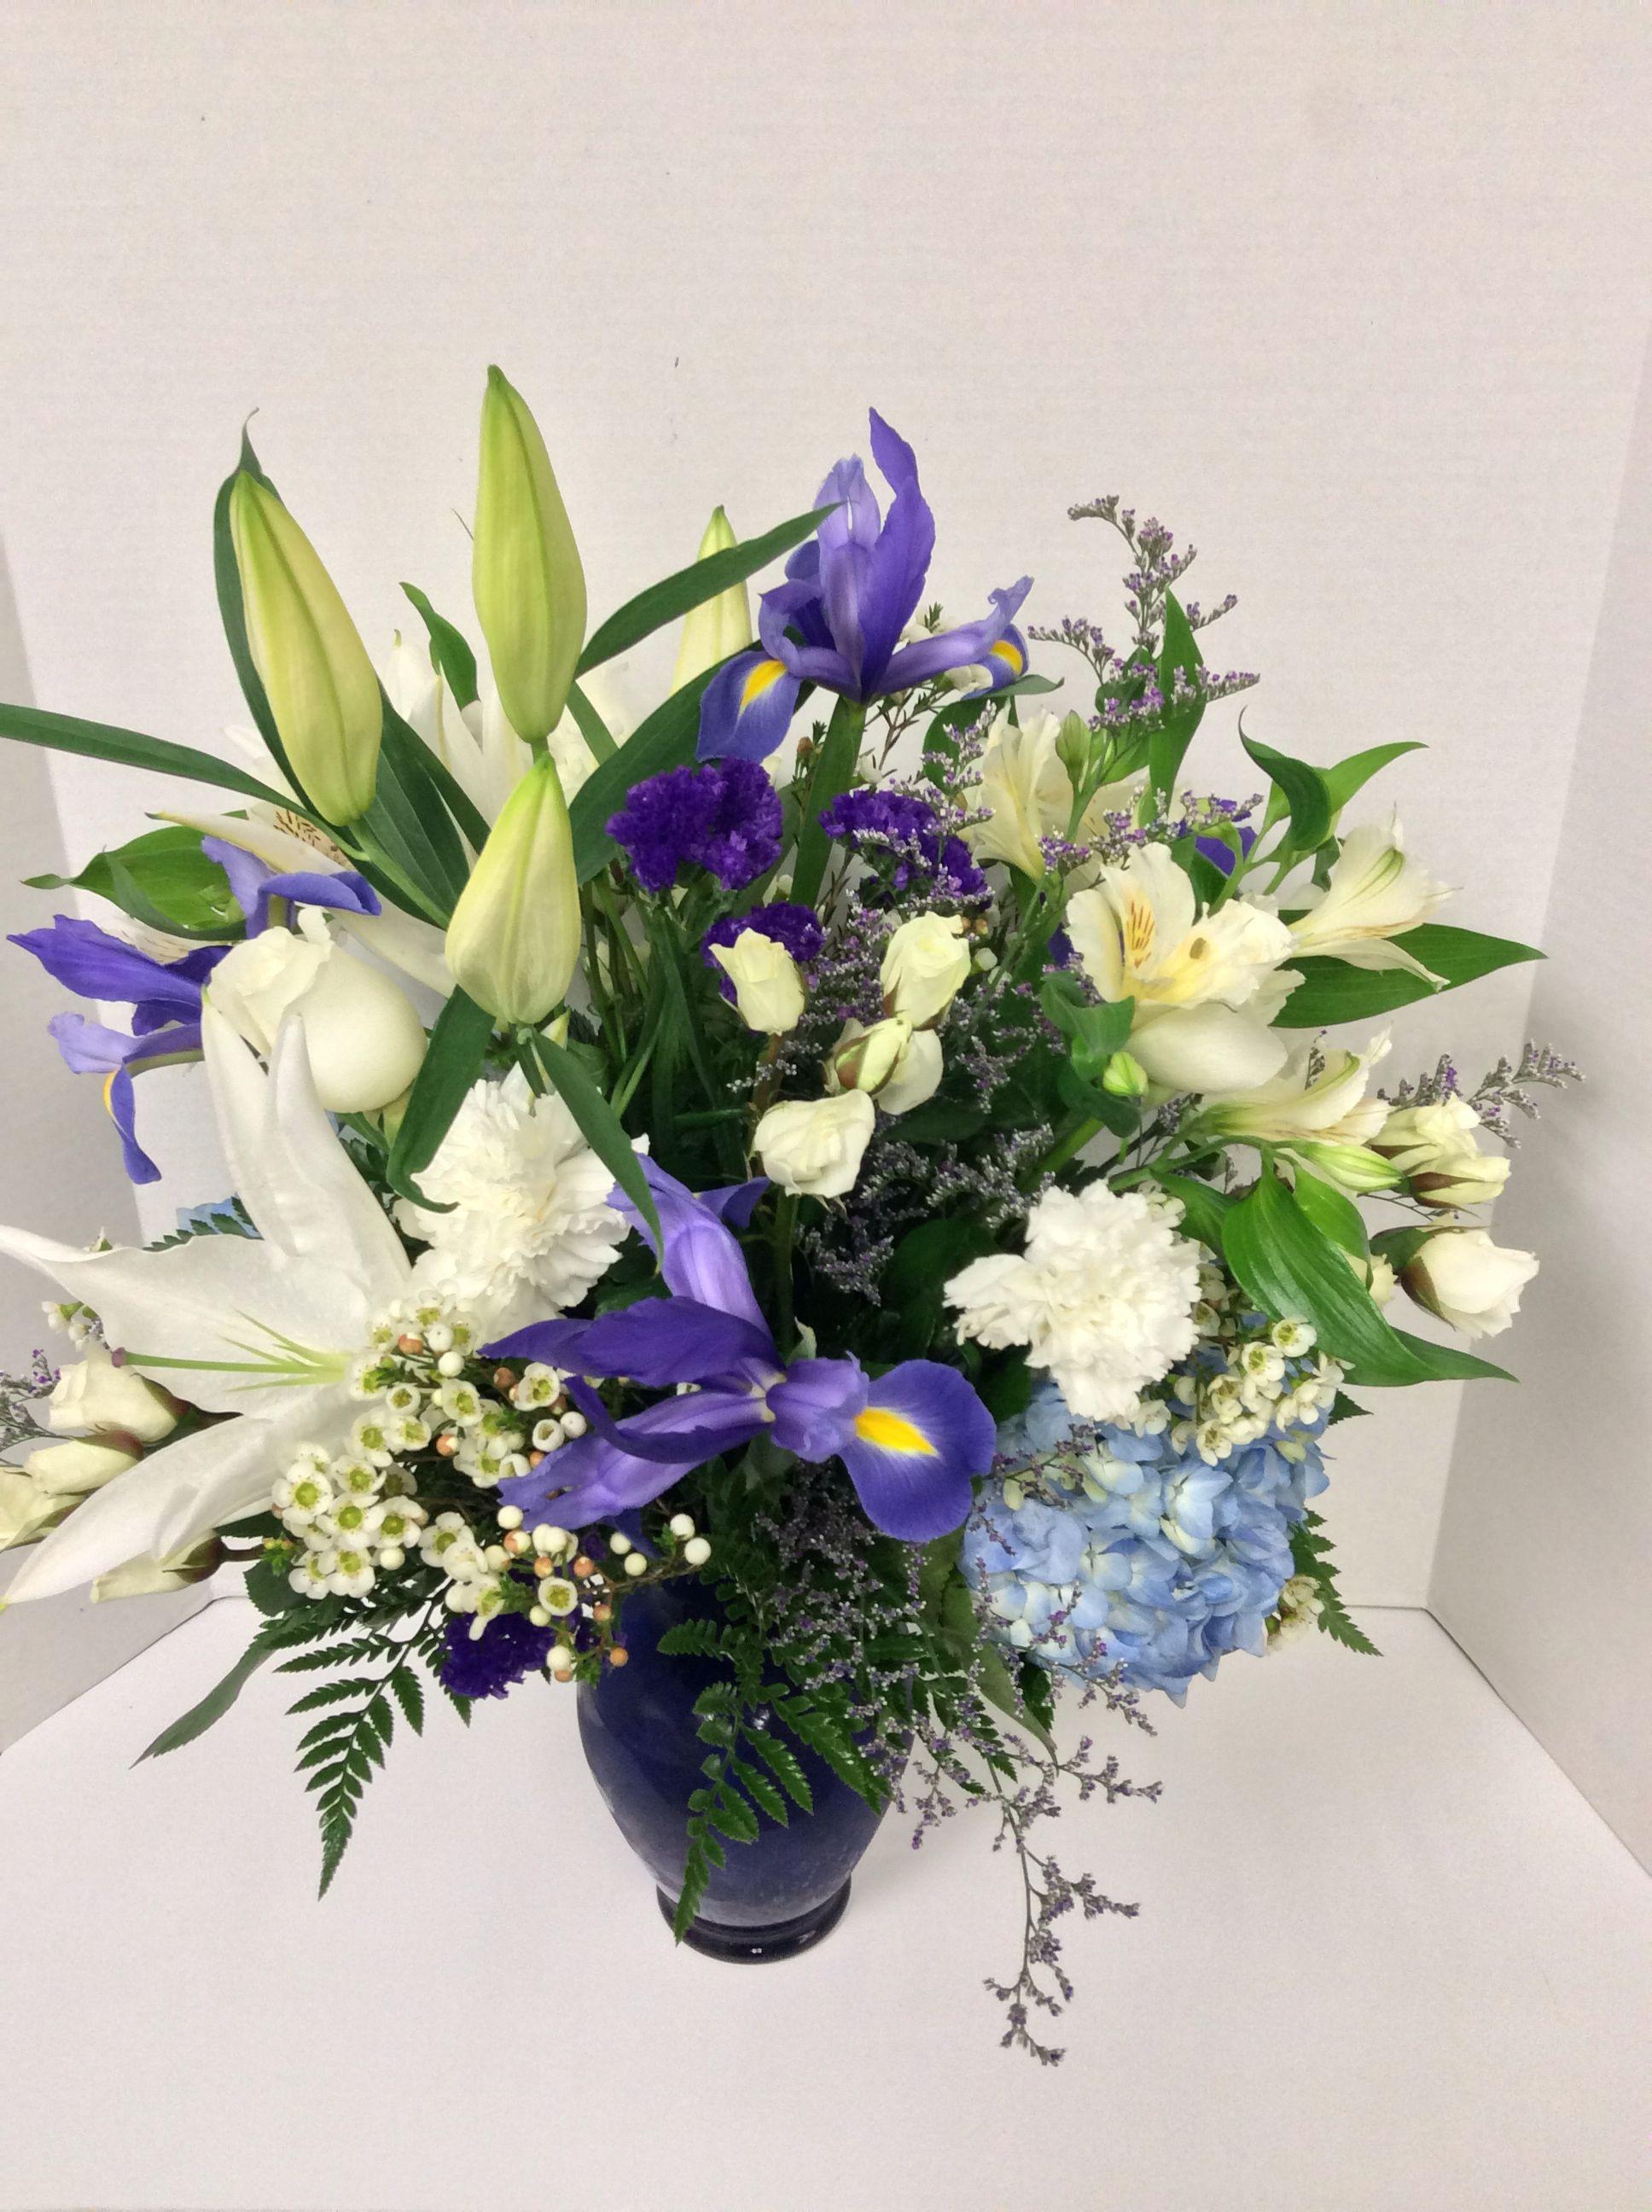 Fresh Vase Arrangement With White Stargazer Lilies Purple Iris